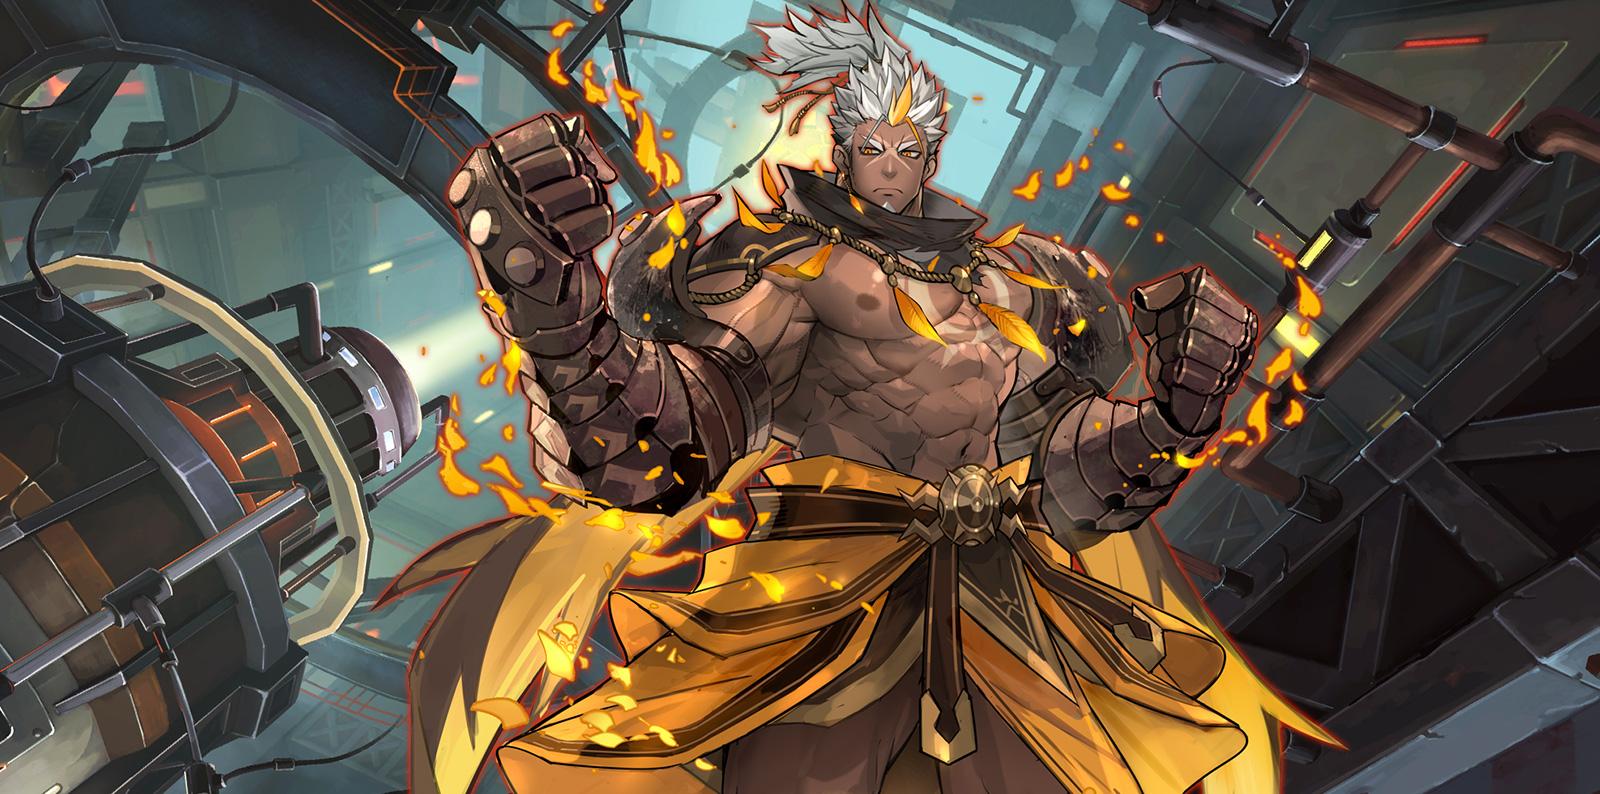 8月13日更新公告:新盖伊比泽尔、清凉泳装、暗流乱入-chouka_The_Iron_Fist_of_black_fire0.jpg